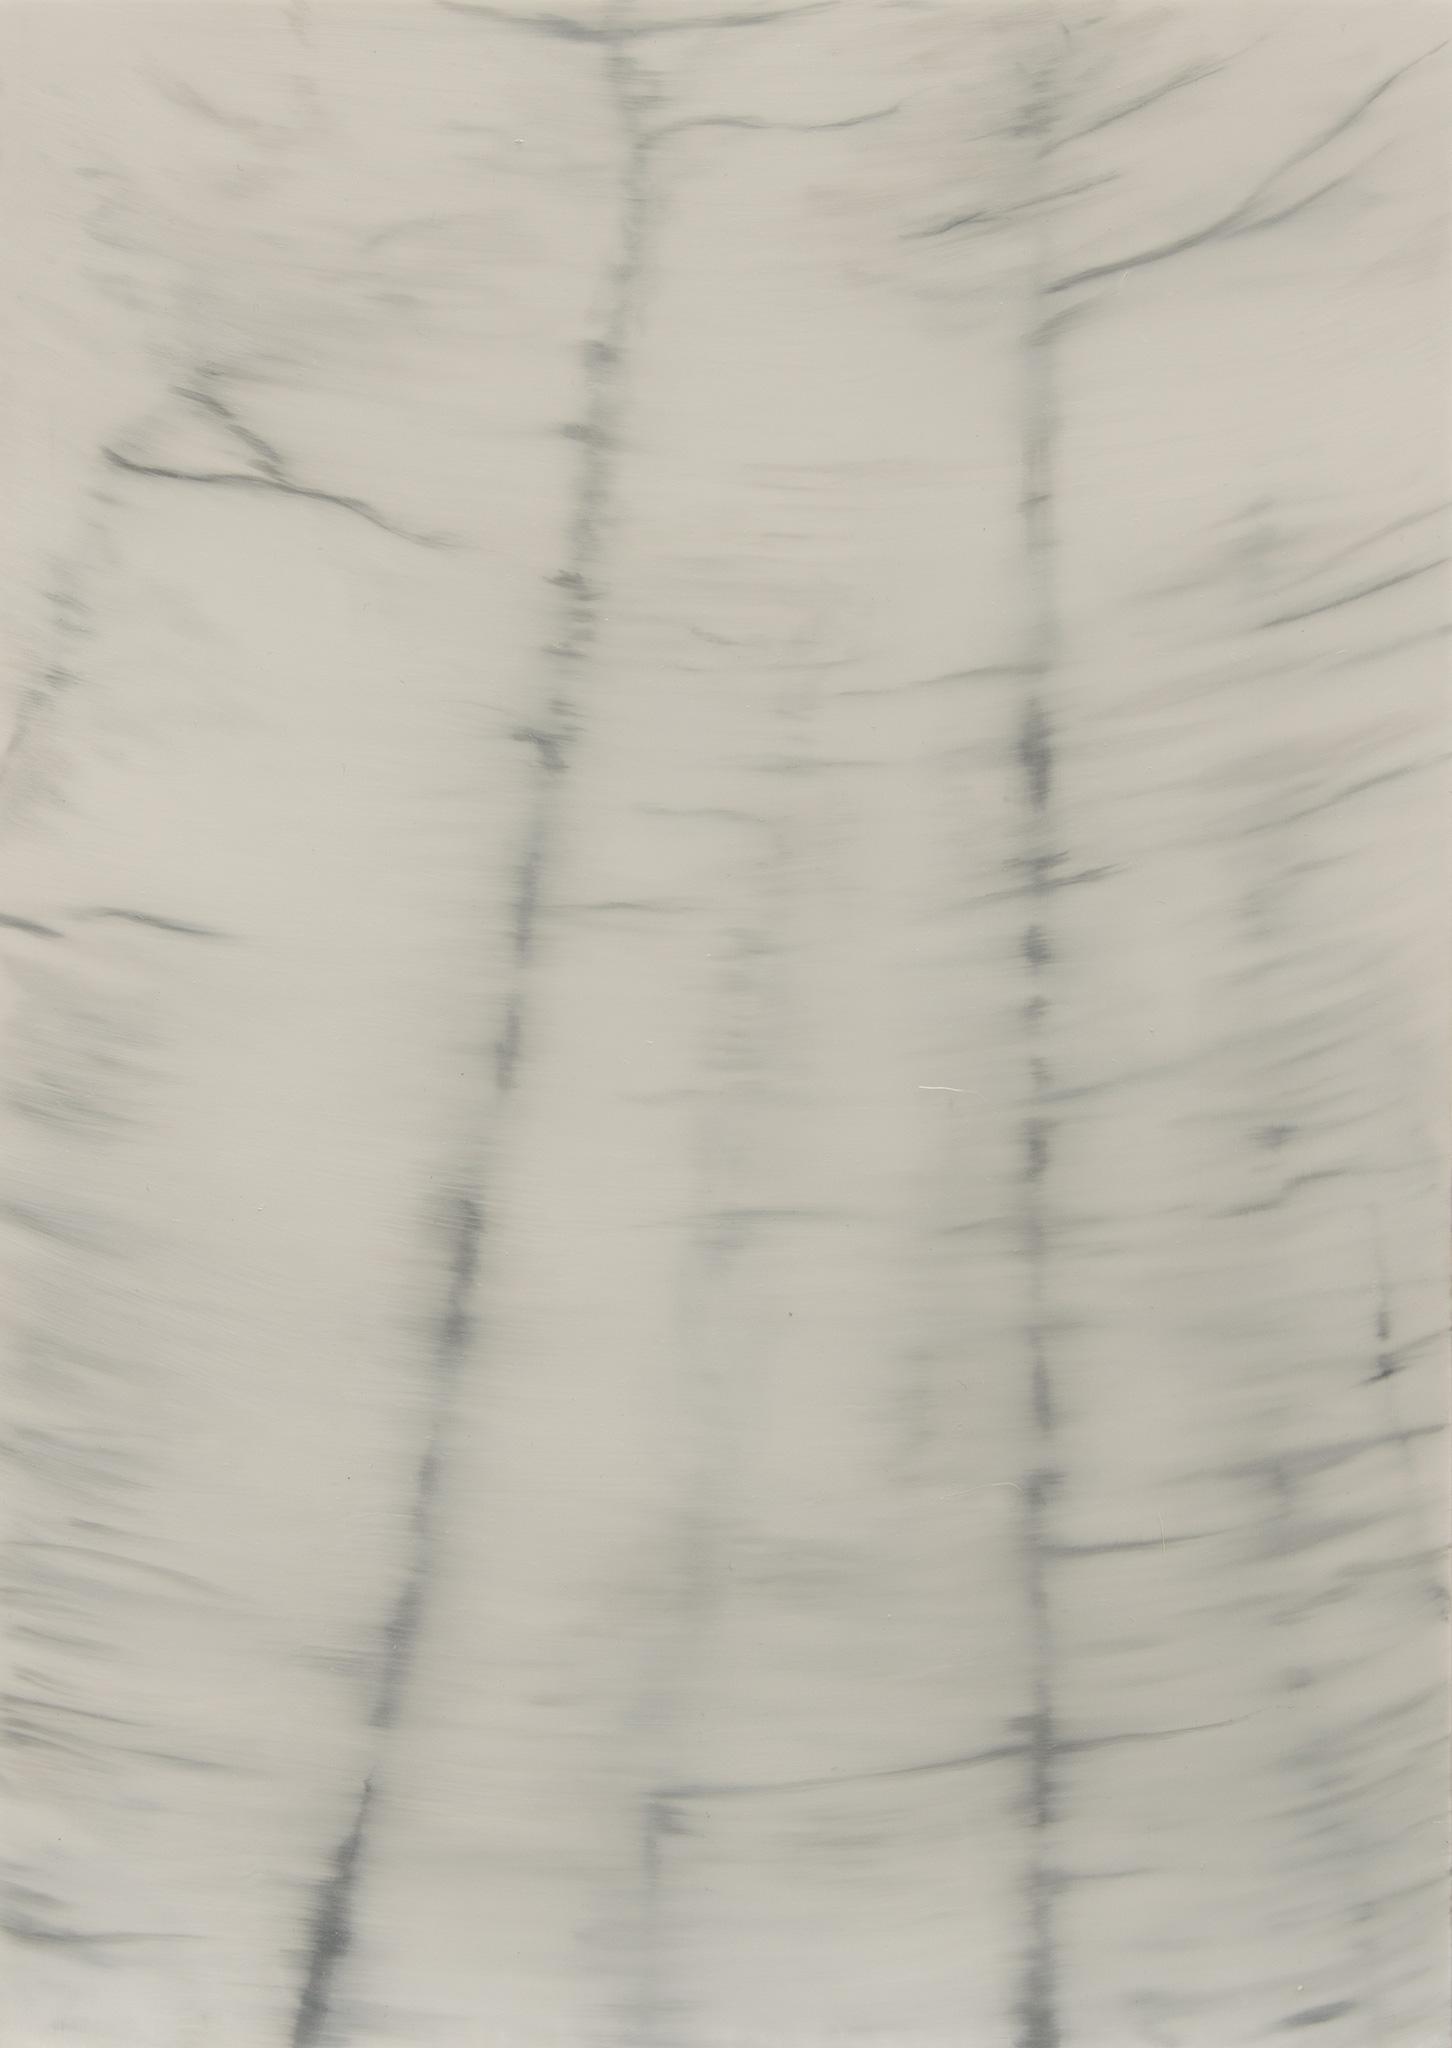 Poema IV Óleo sobre poliéster 29,5 x 21 cm 2019